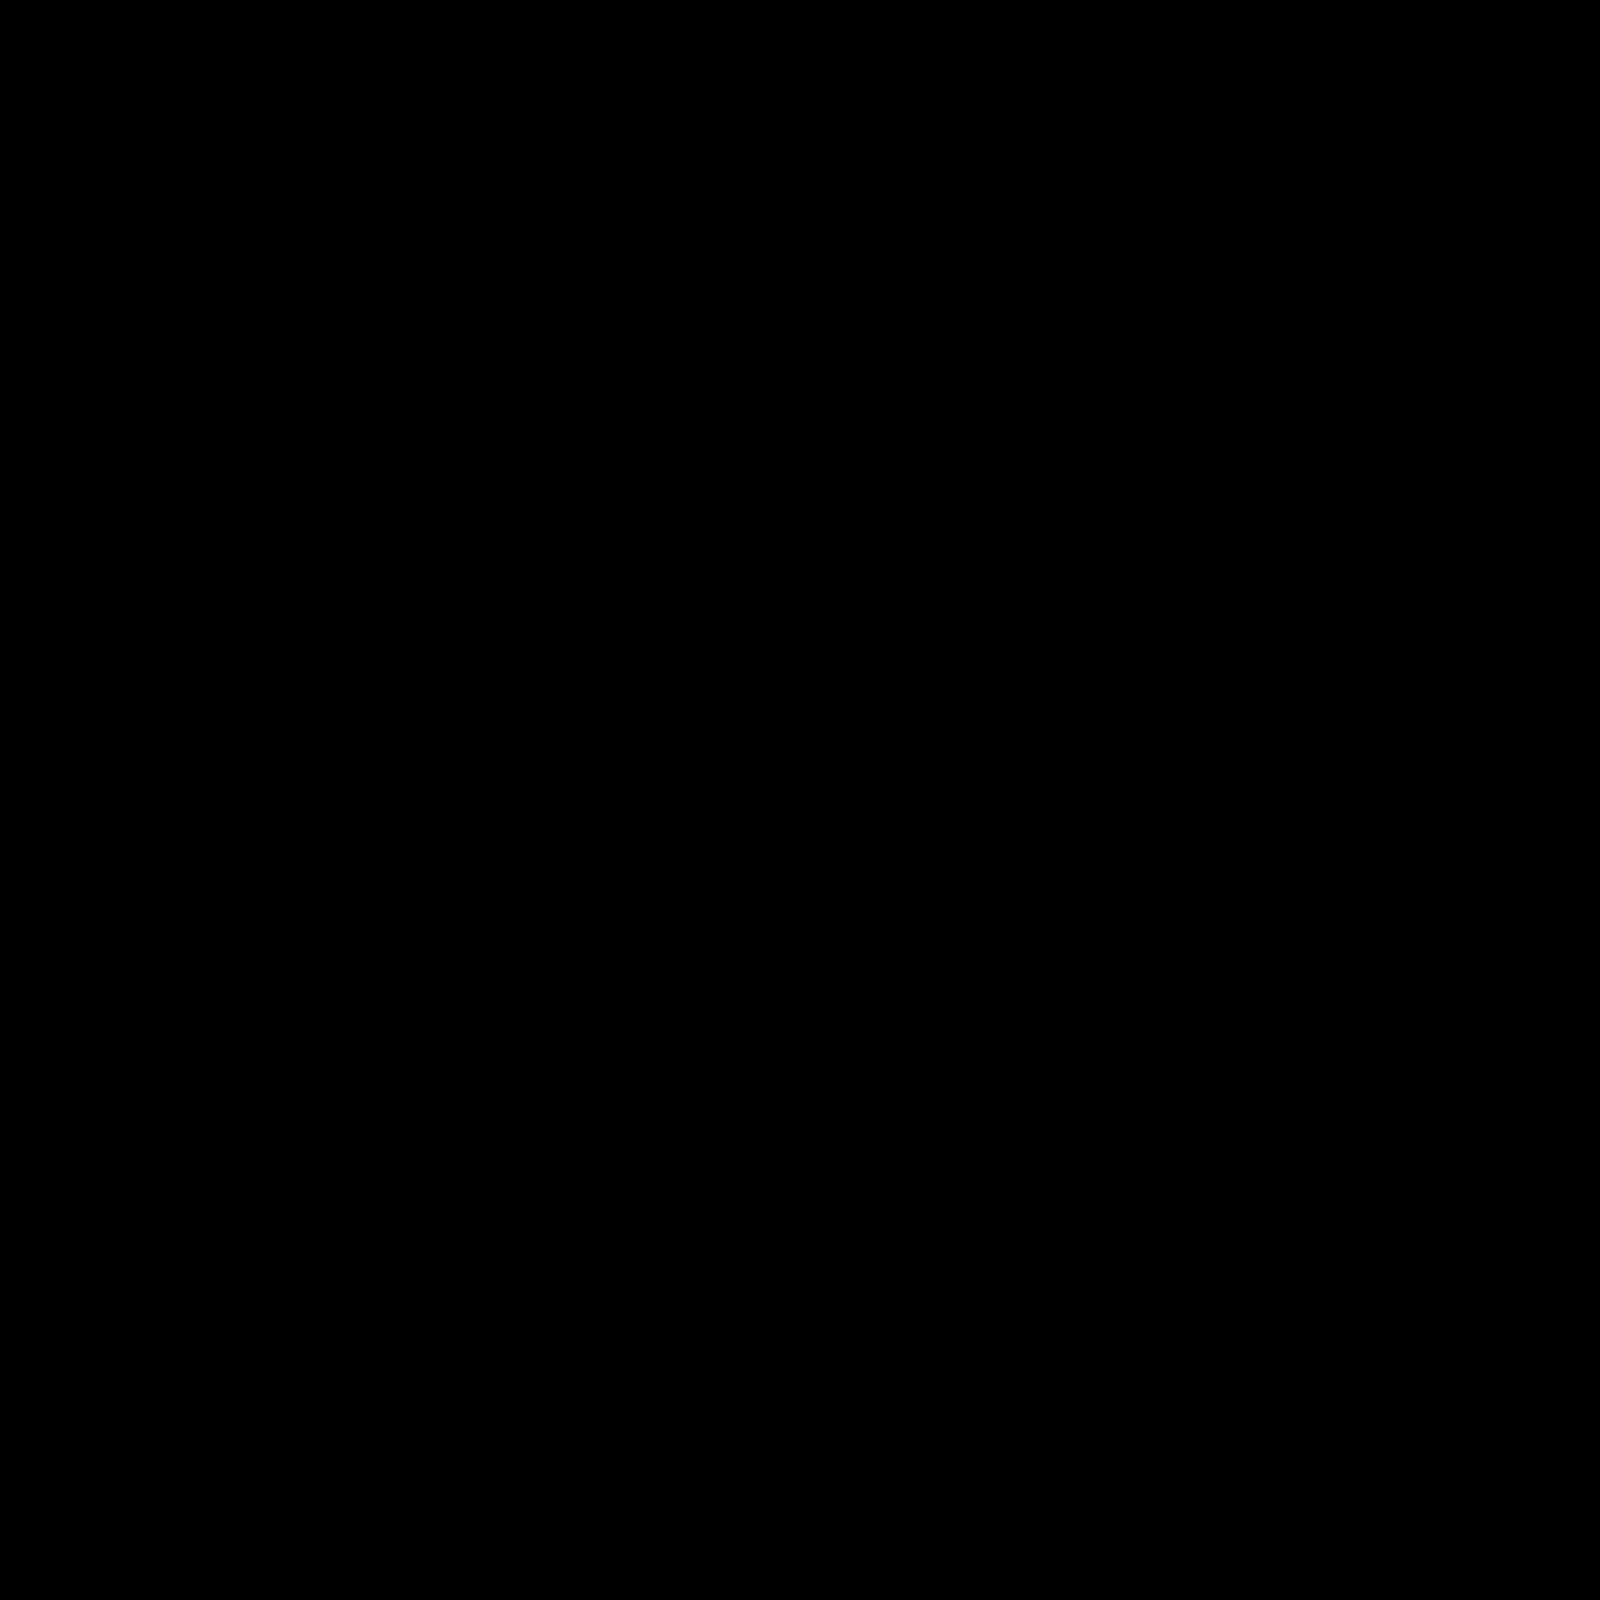 乘 icon. This is just a photo of the letter X. It is one diagonal line going from the upper right to lower left, going through another diagonal line going from left to right.